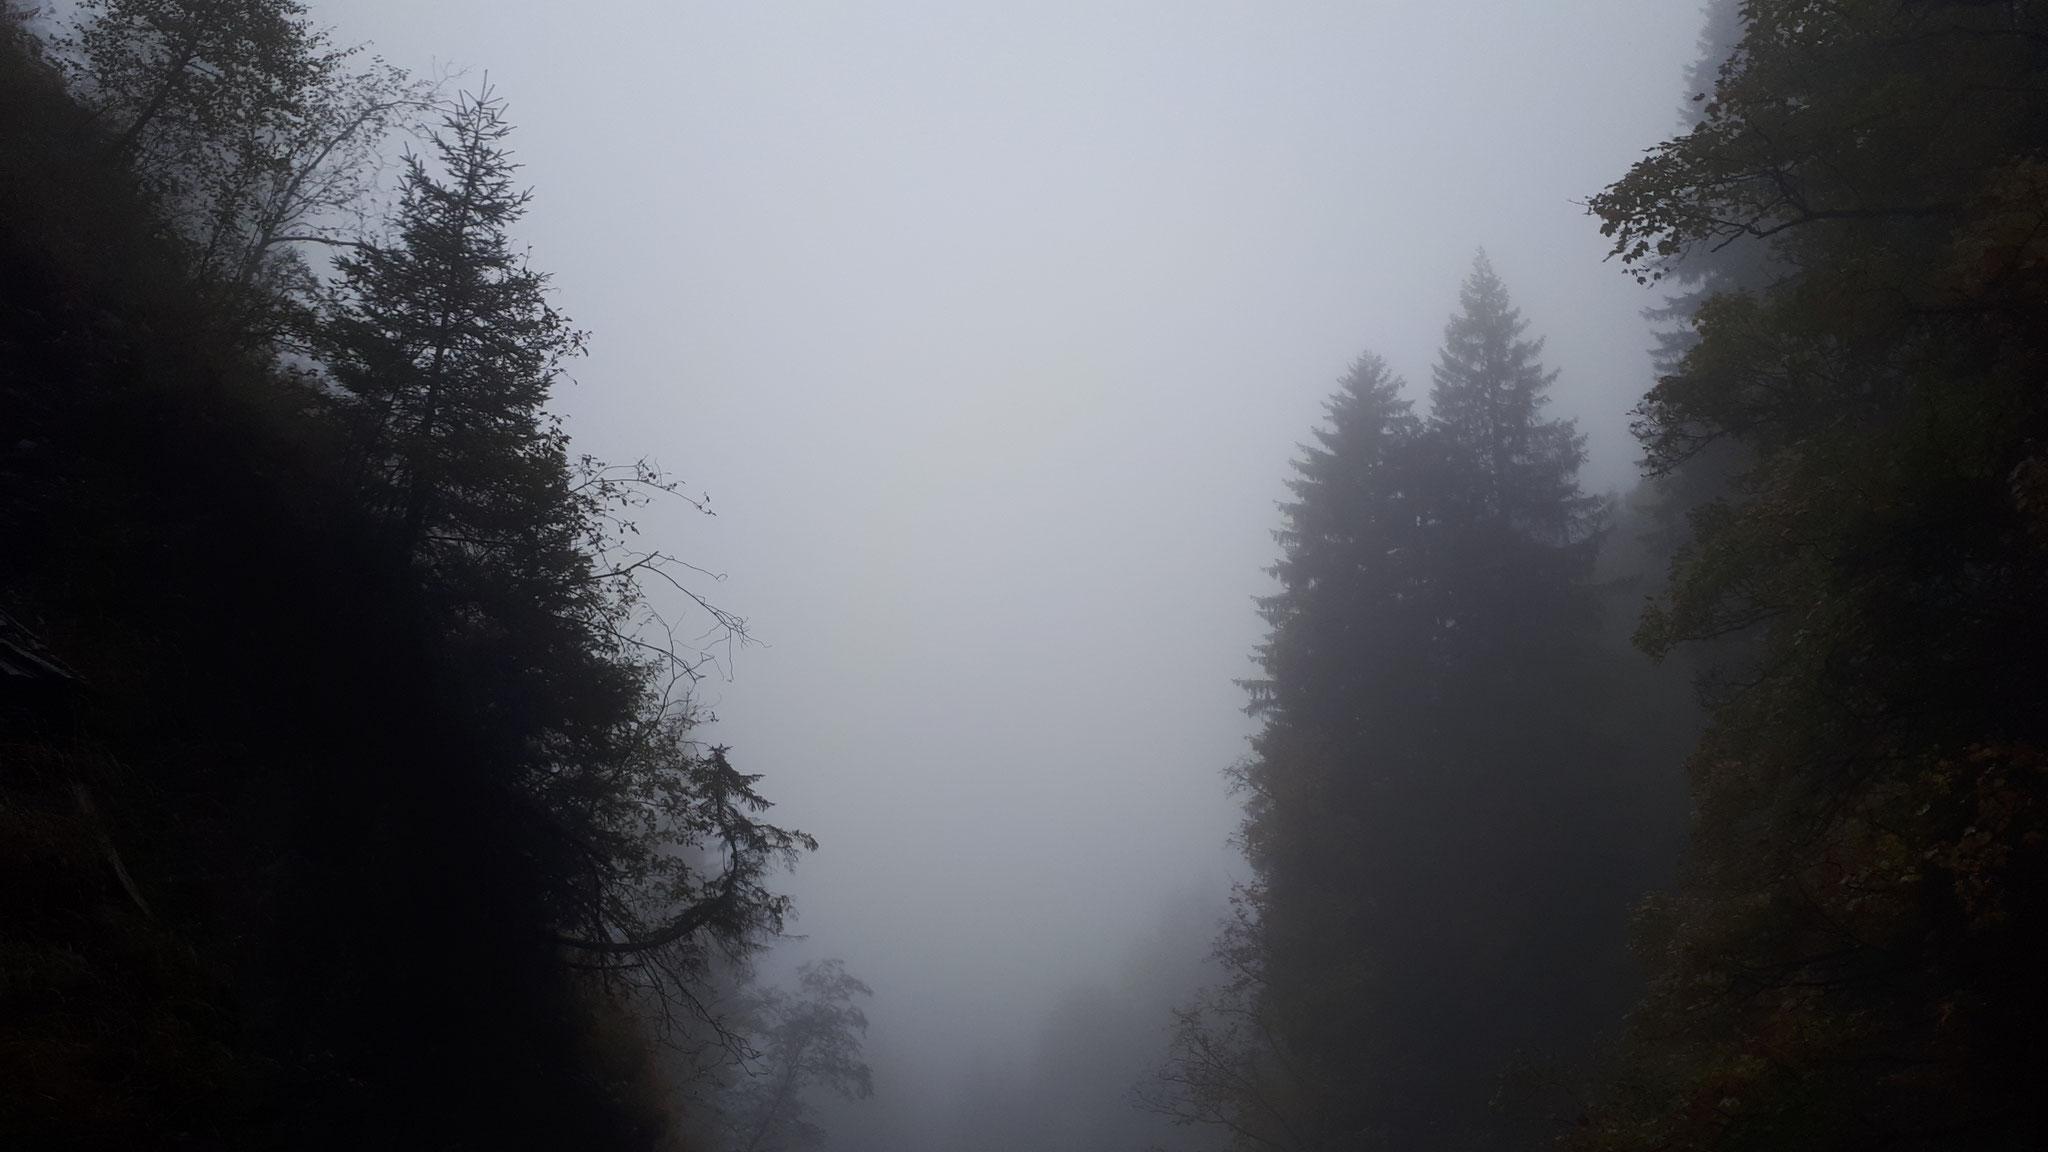 ...der Nebel als eindeutiges Zeichen für das nahende Ende der Saison...